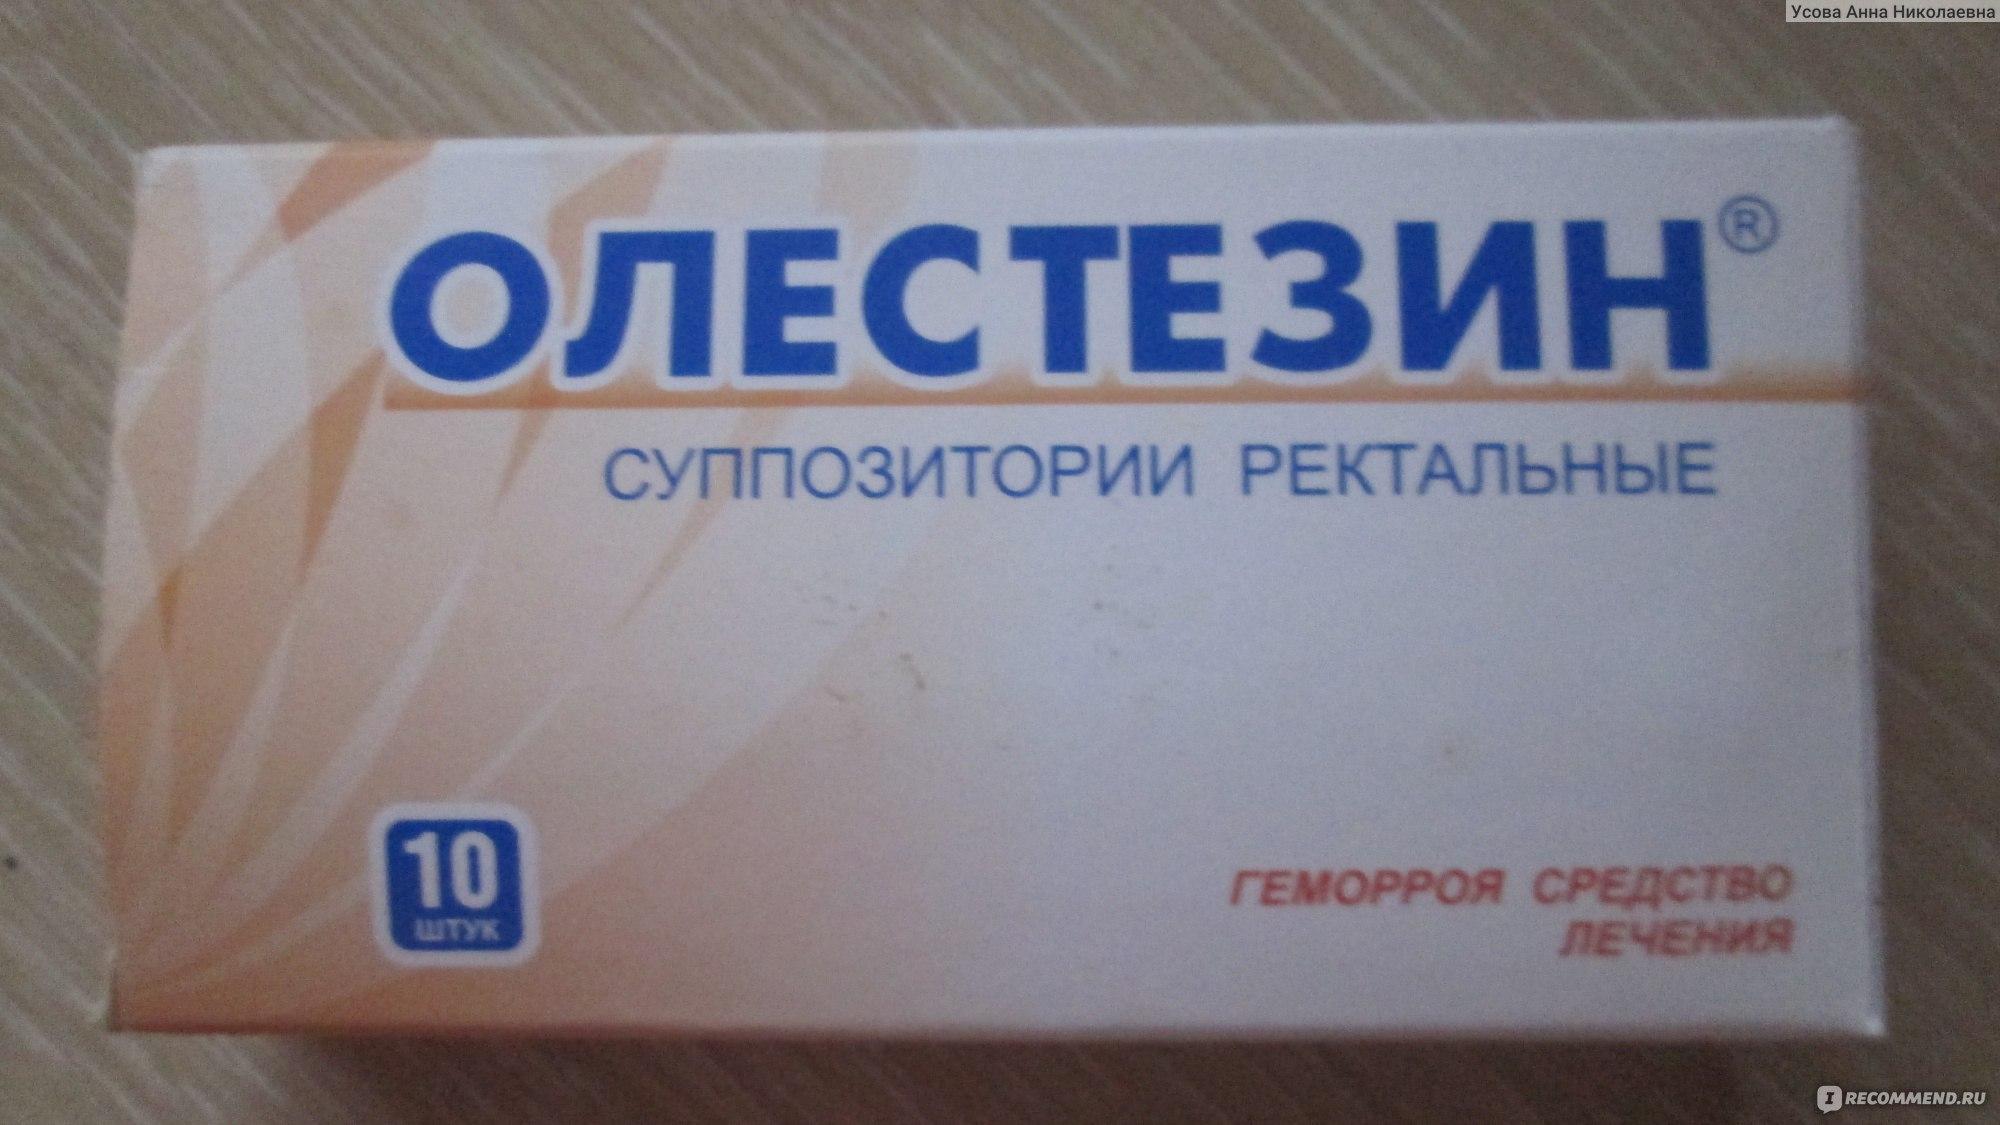 Олестезин свечи отзывы при простатите простатит и хламидиоз